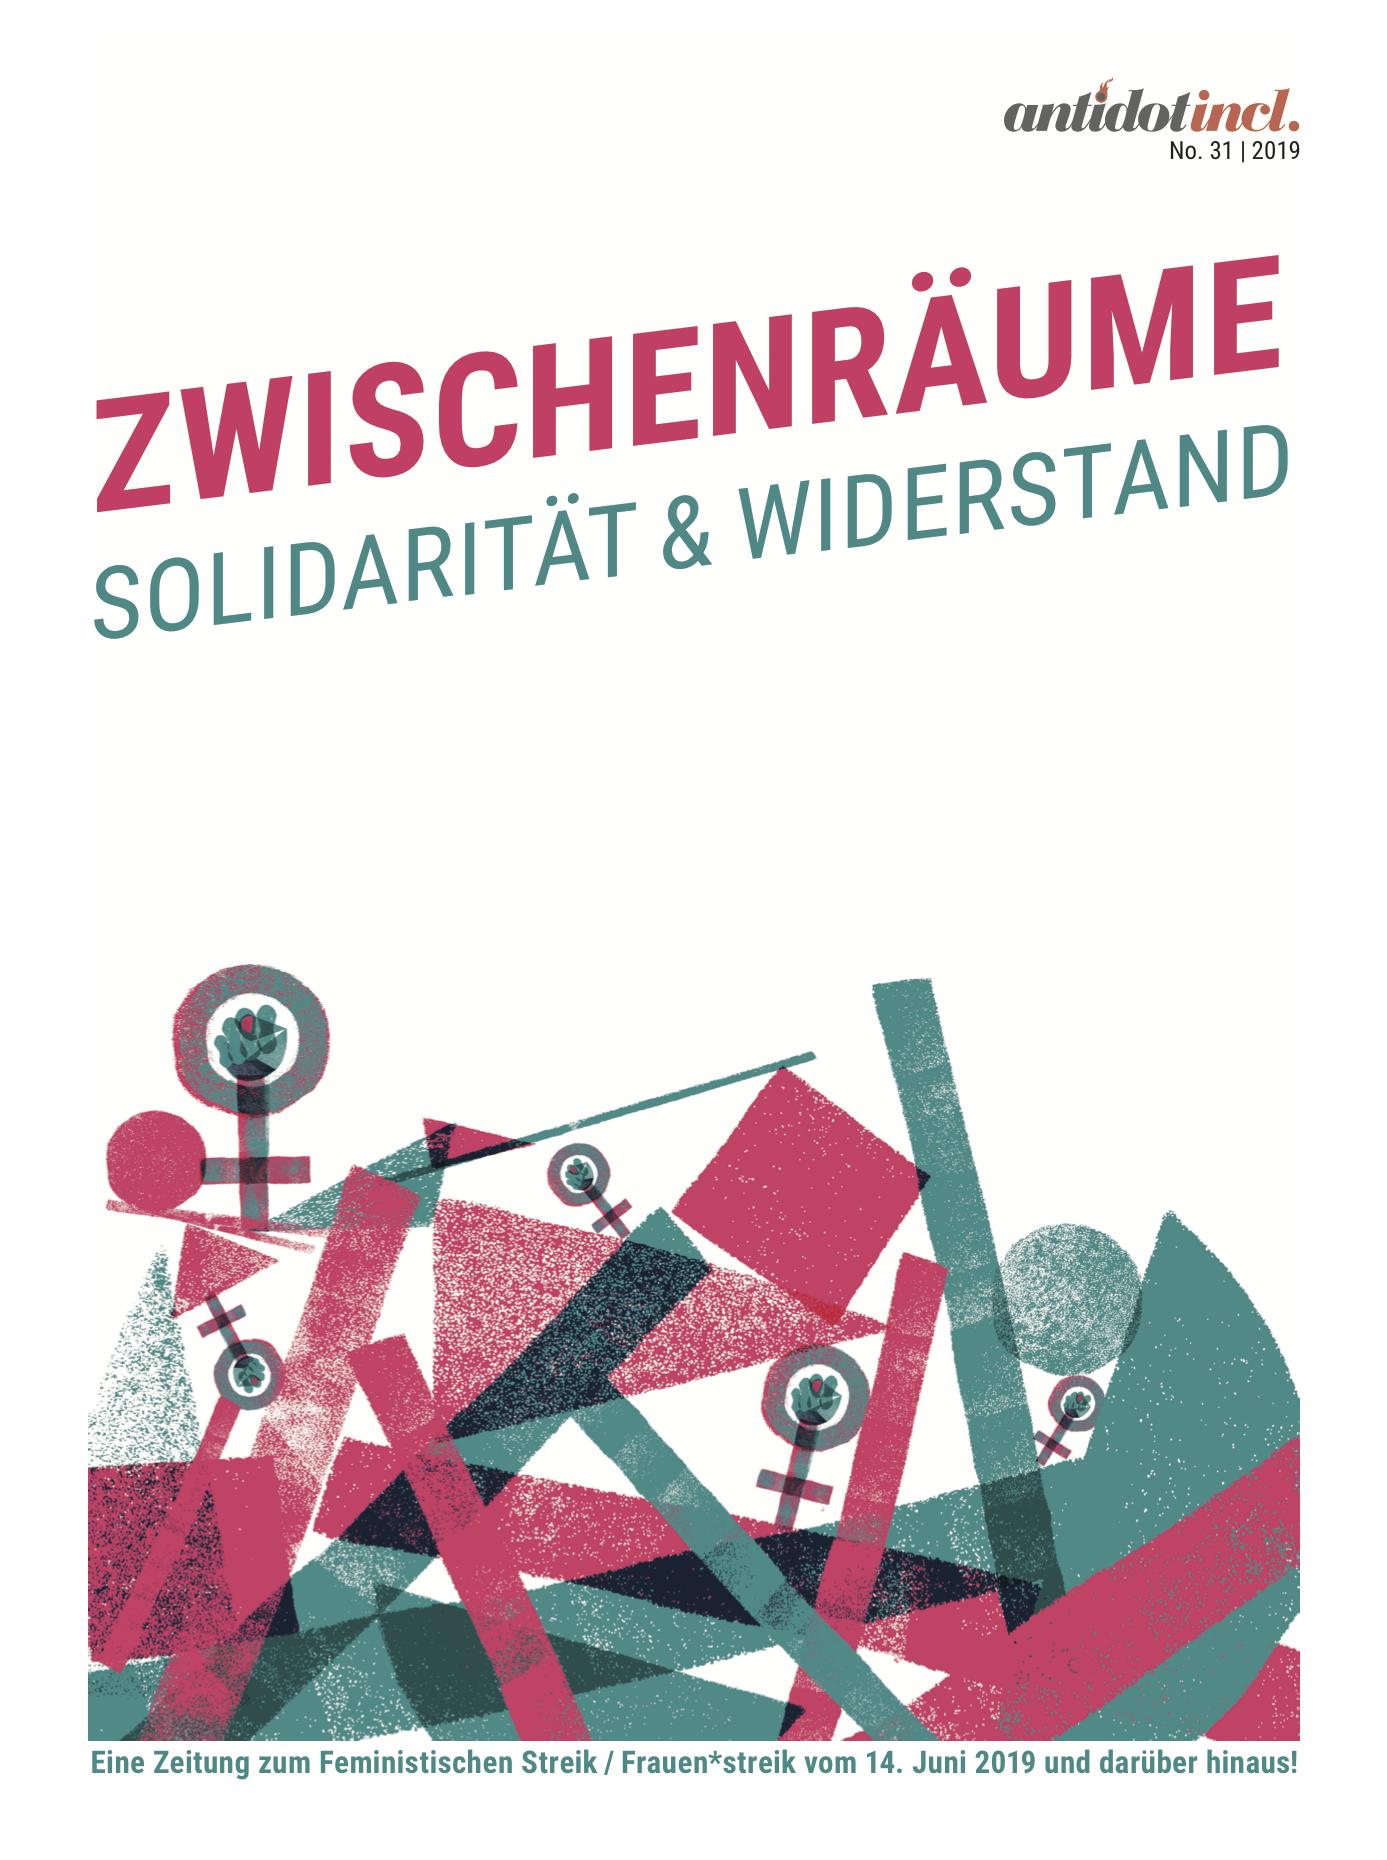 """Titelseite der Antidote zum Frauenstreik. Titel: """"Zwischenräume Solidarität und WIderstand"""" Mit Grafik von verschiedenen Formen und dem feminismus Symbol in rot und grün"""